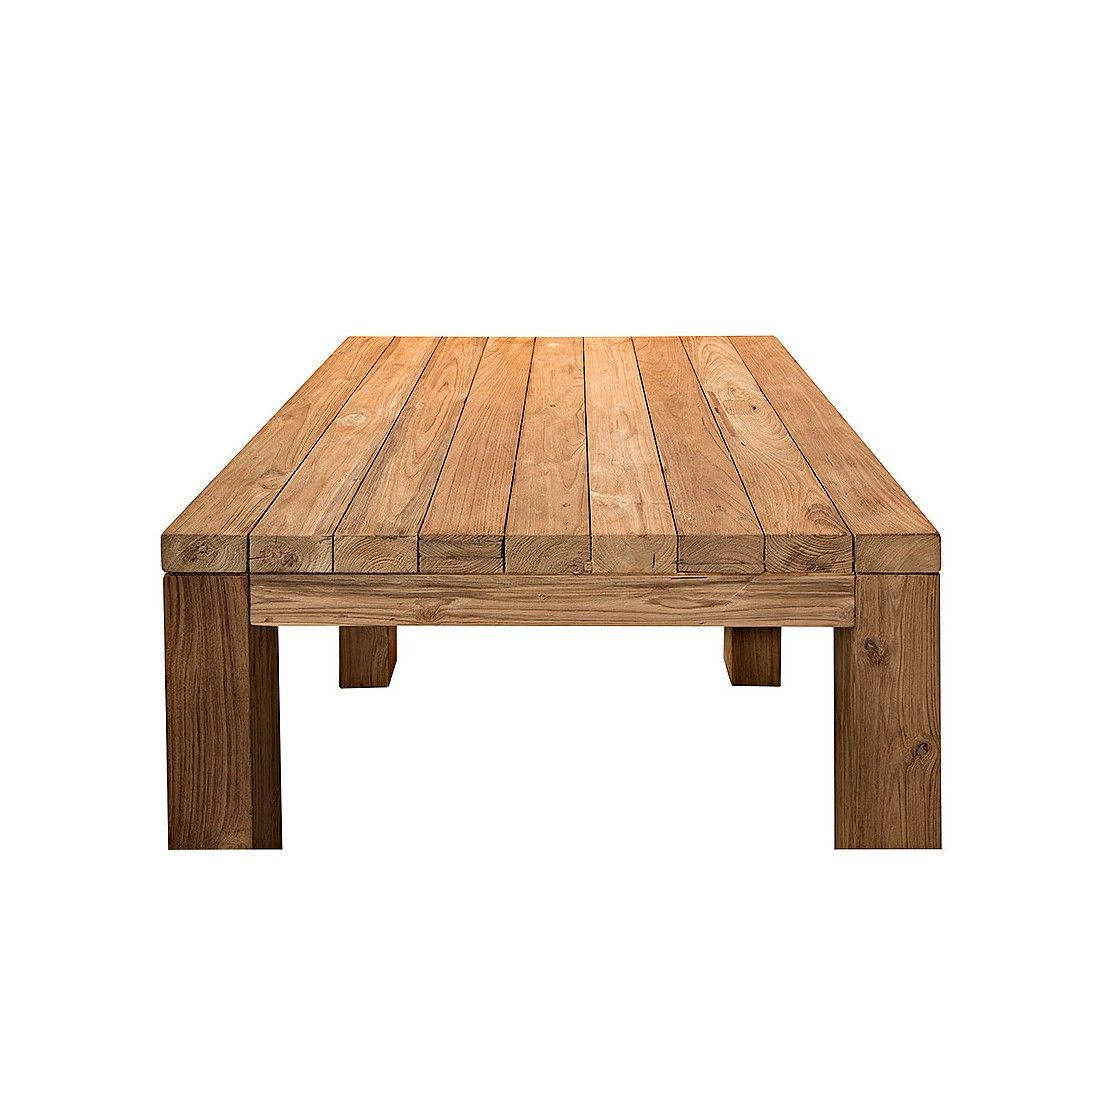 Table carrée vieux teck massif, modèle Primitive